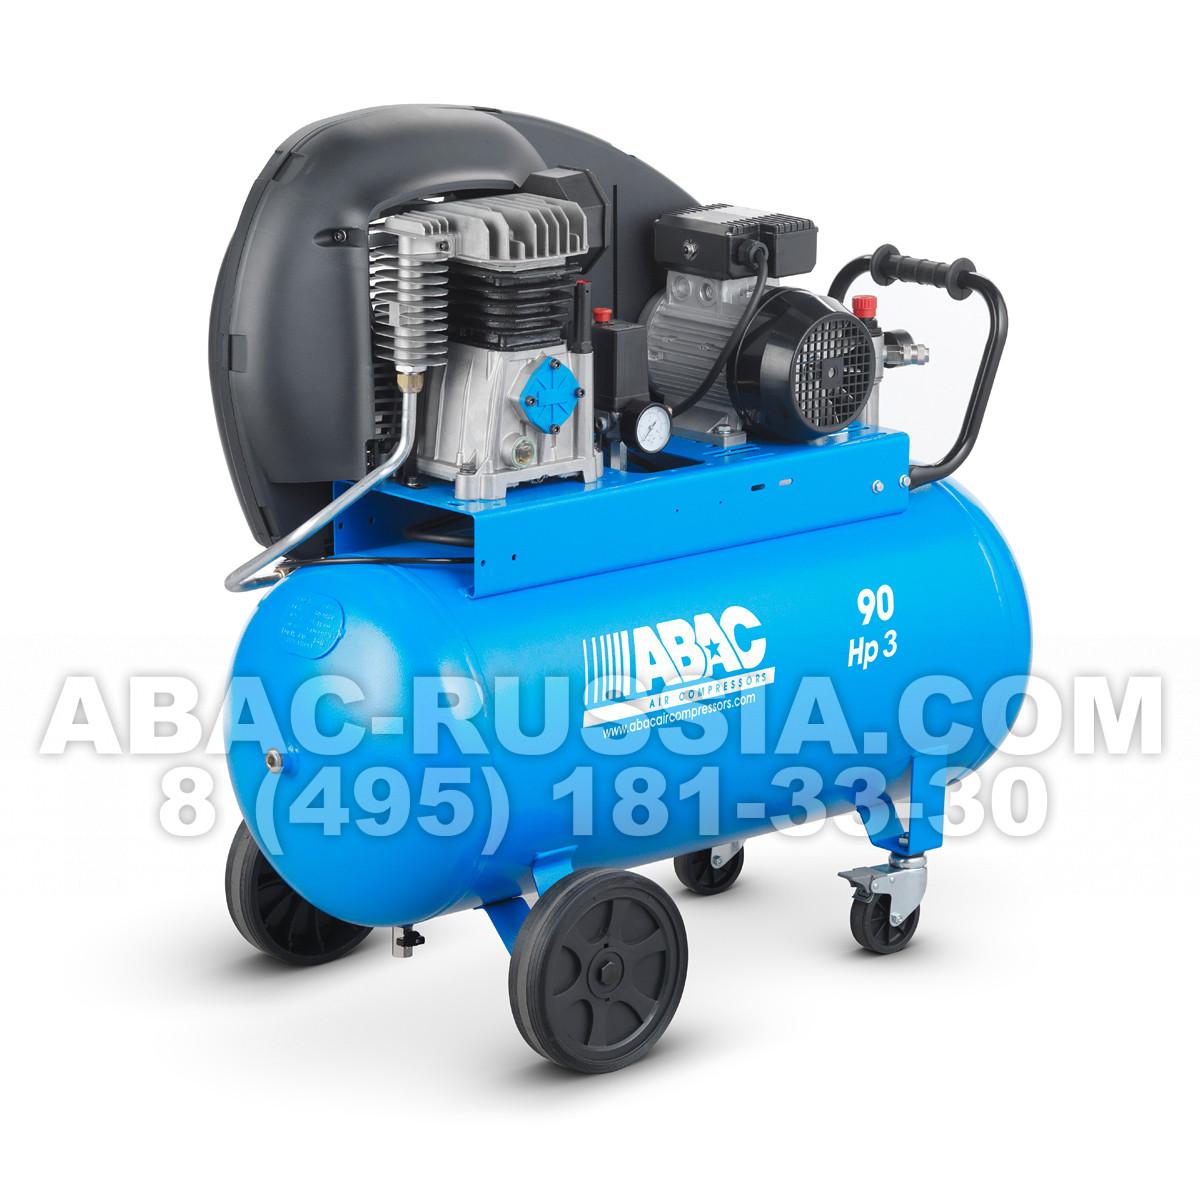 Поршневой компрессор ABAC А39/90 СМ3 4116024519